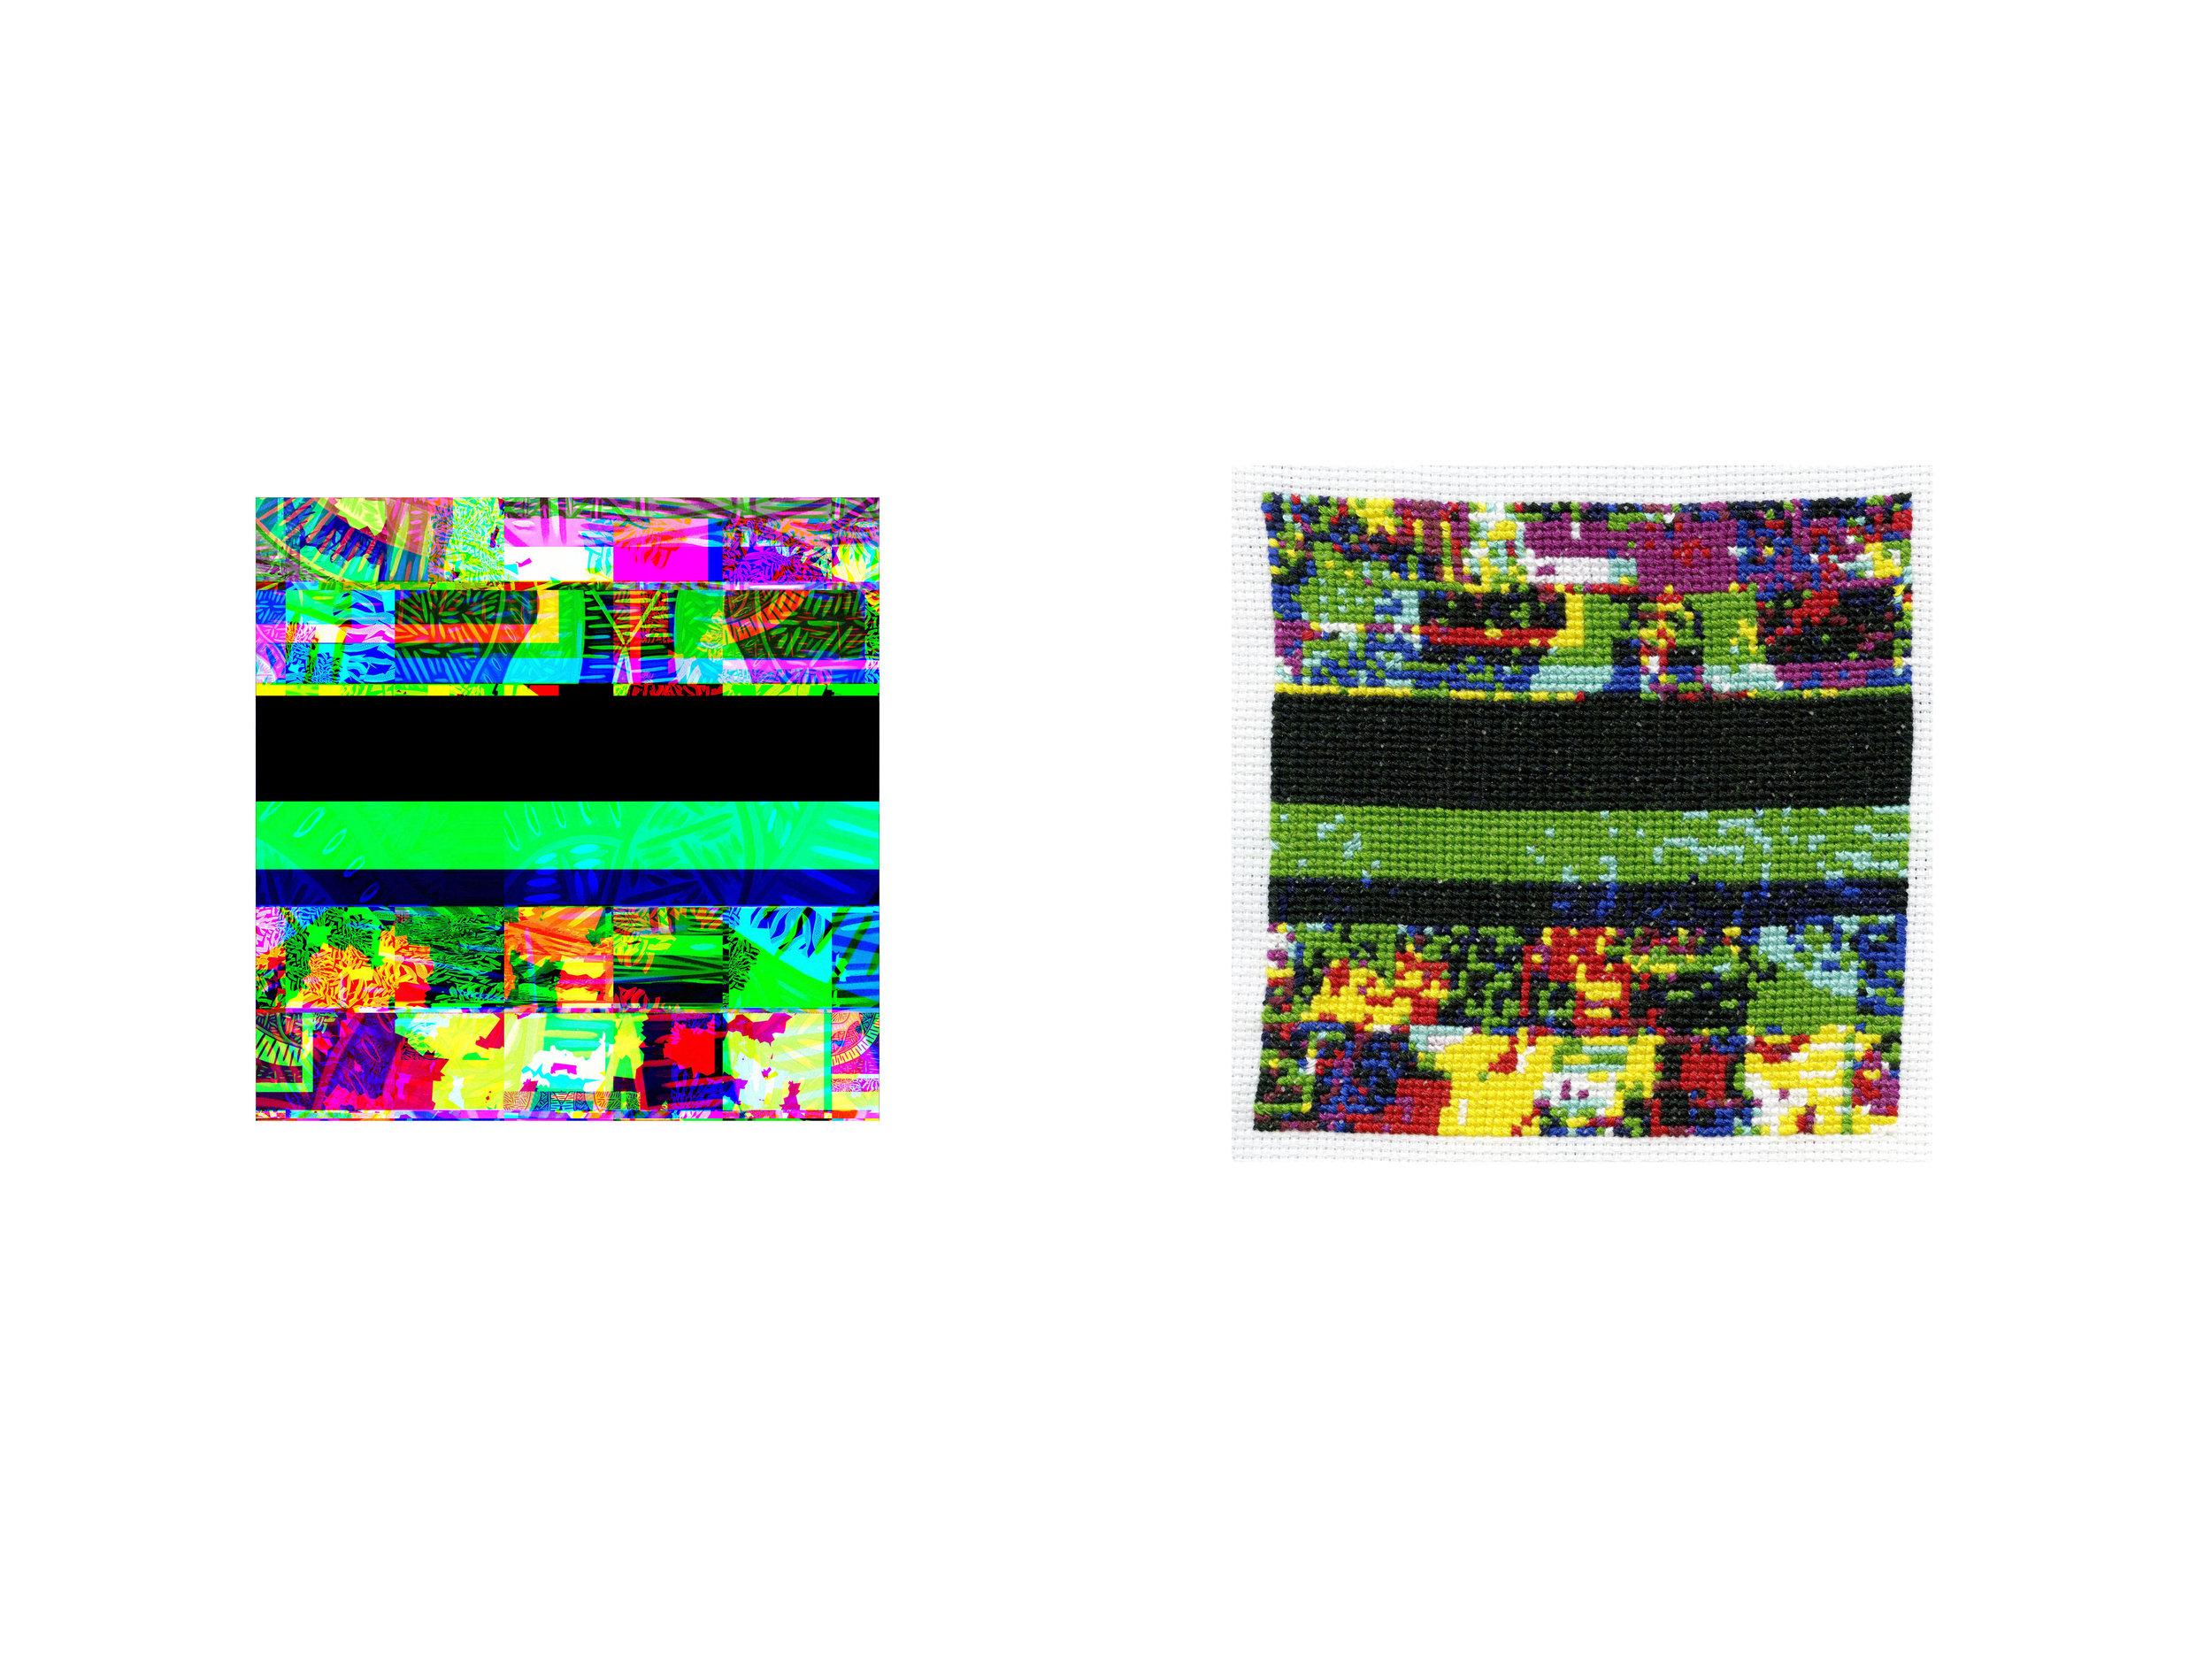 GlitchSeries03 - Crop_8_crop.jpg